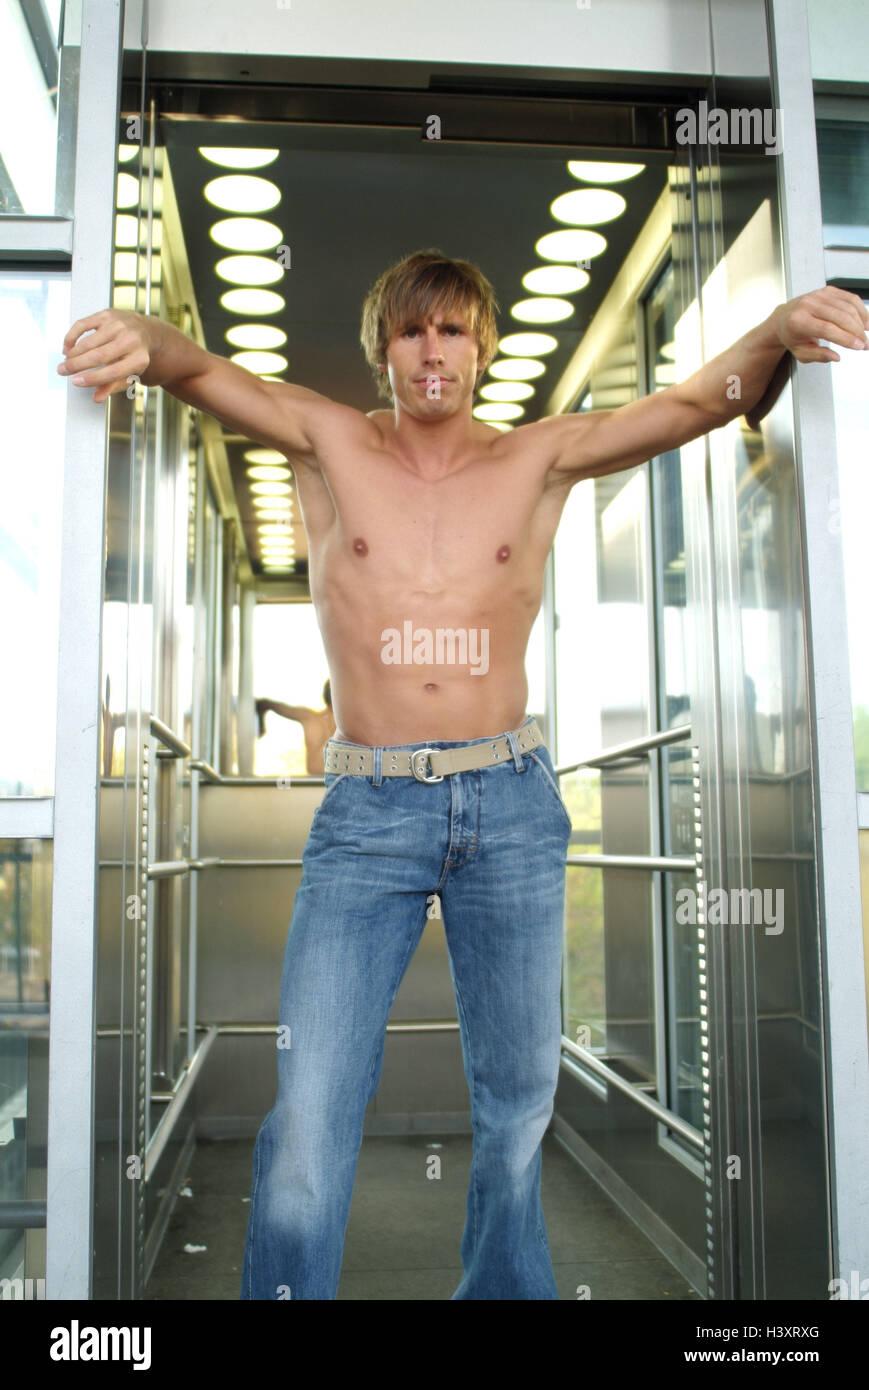 Elevación, hombre, joven, libre en la parte superior del cuerpo, fresco, levante, levante, puerta abierta, Imagen De Stock